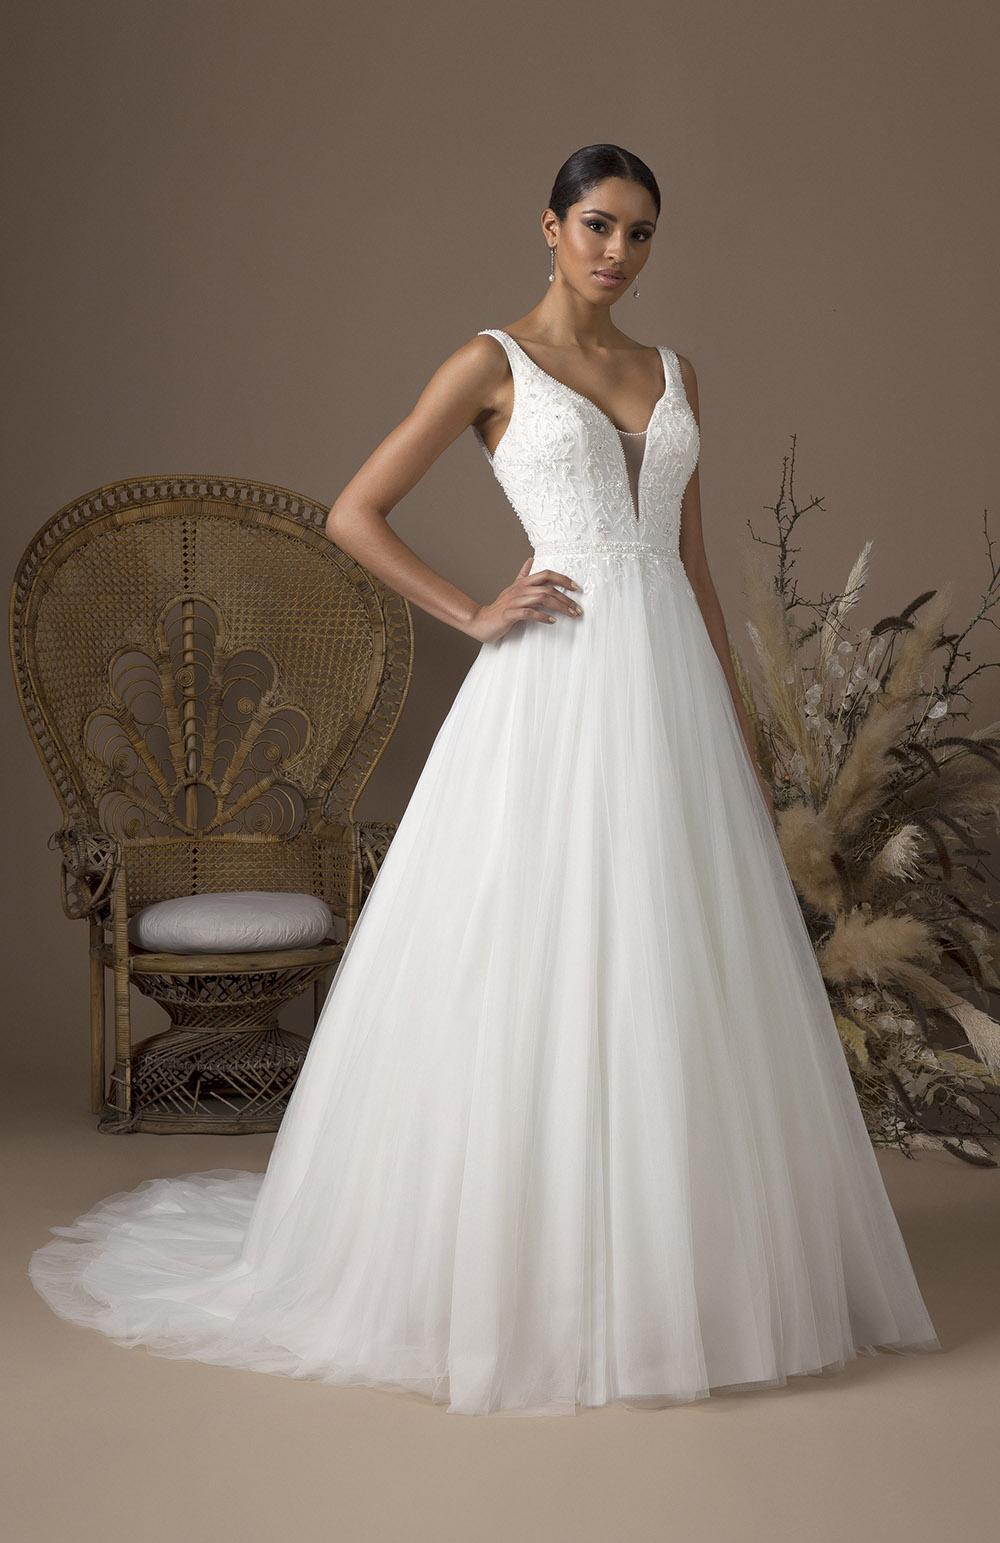 Robe de mariée Modèle Danaelle